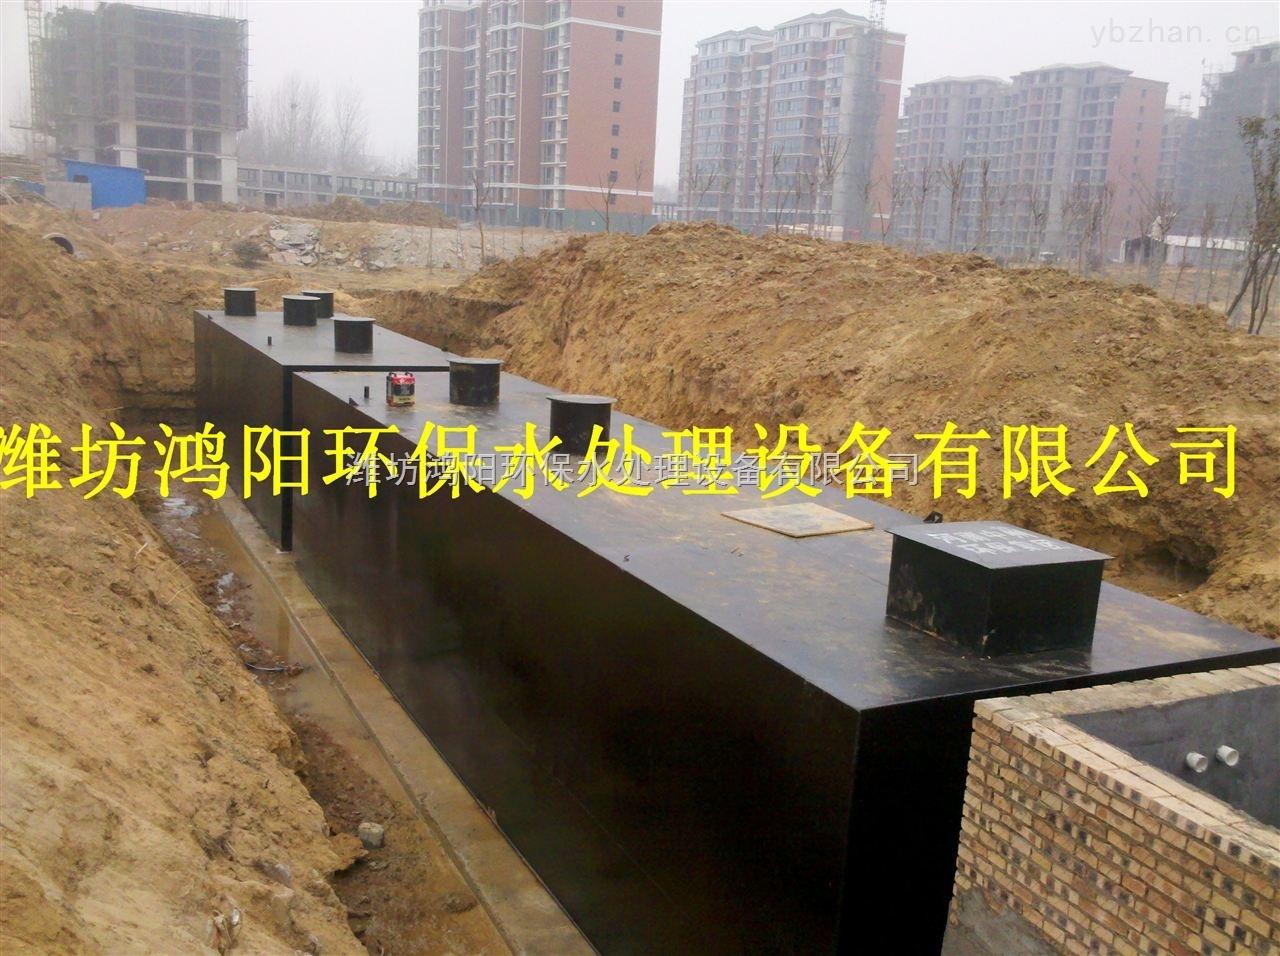 生活污水一体化处理设备 鸿阳环保用心服务 技术参数